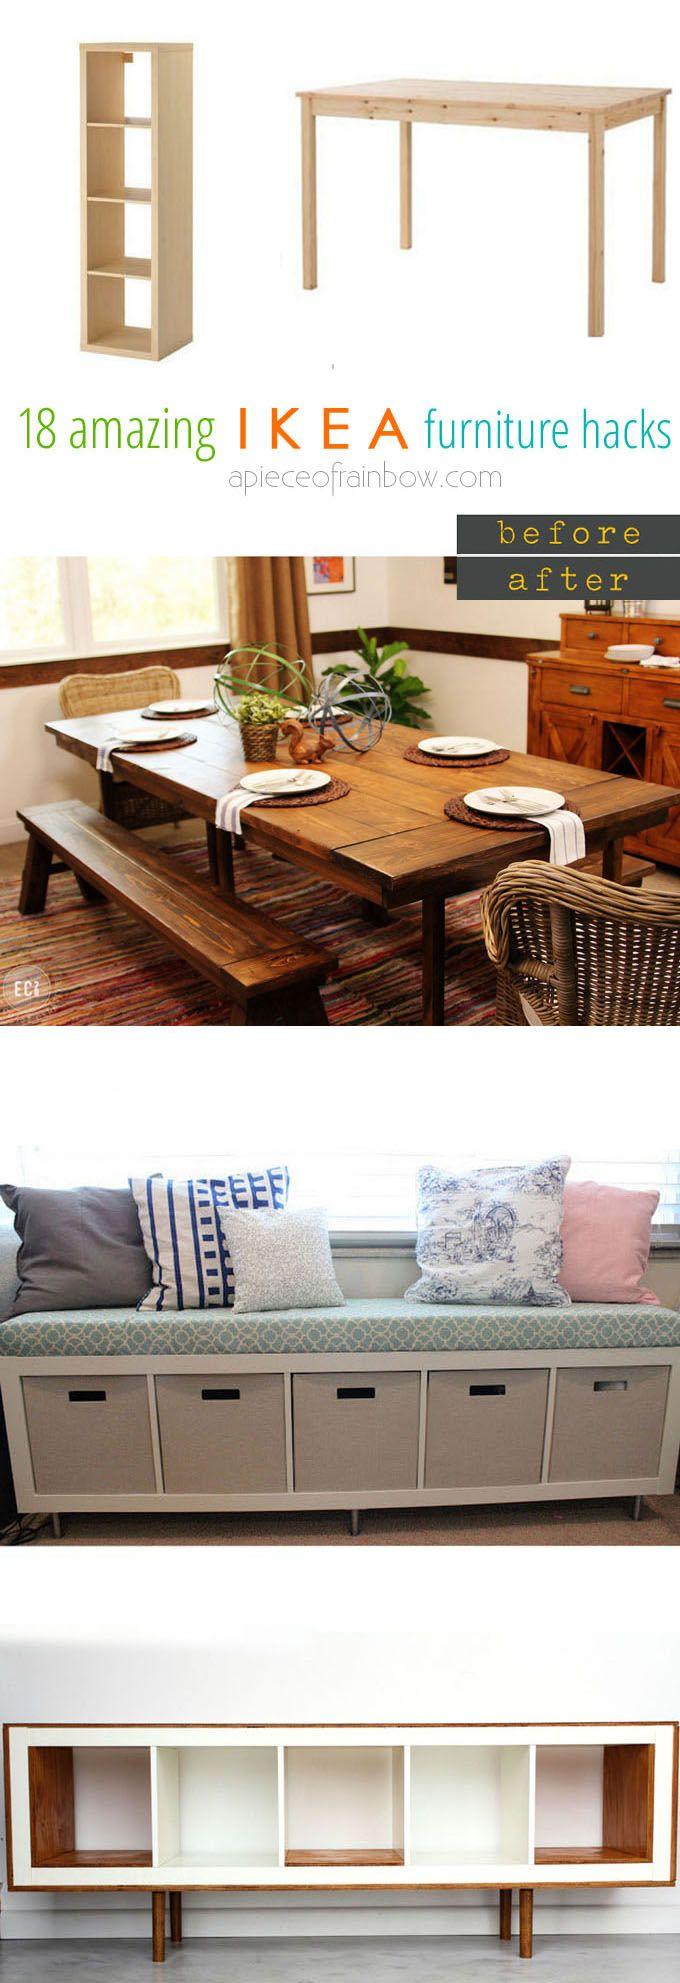 Best 25+ Kitchen Island Ikea Ideas On Pinterest | Kitchen Island Ikea Hack, Kitchen  Island Hack And Cube Bookcase Ikea